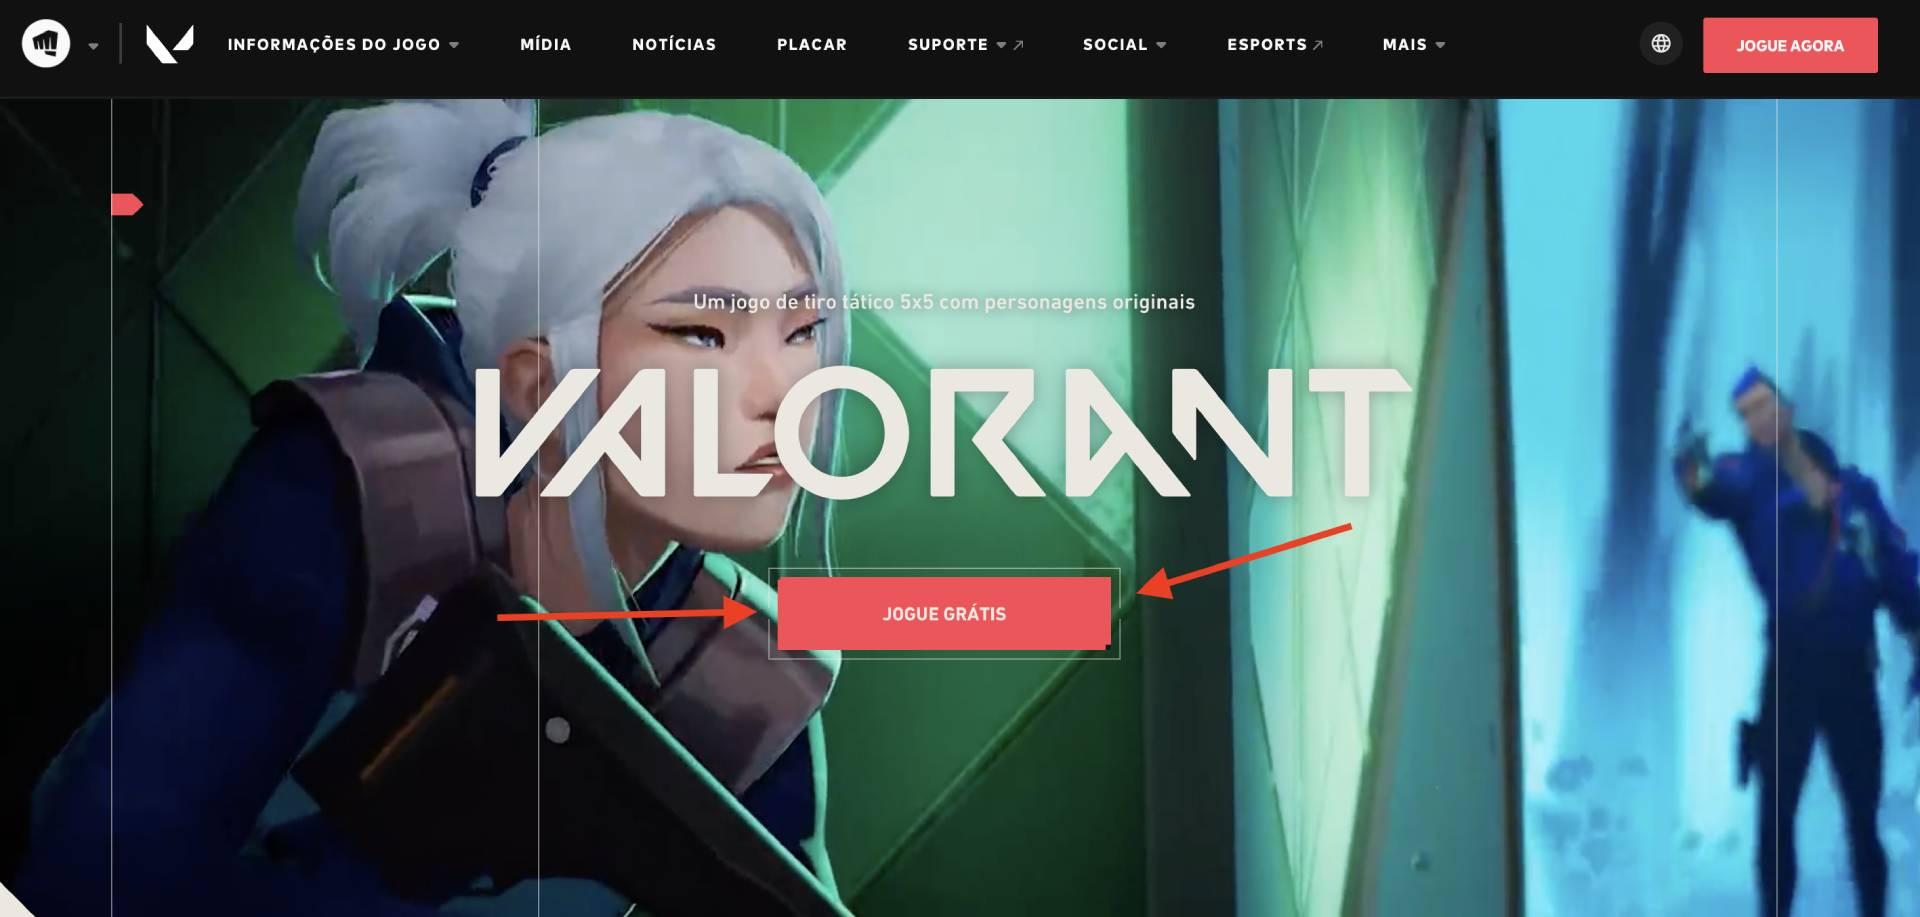 """Tela inicial do site de Valorant, com setas apontando para o botão escrito ˜Jogue grátis"""""""